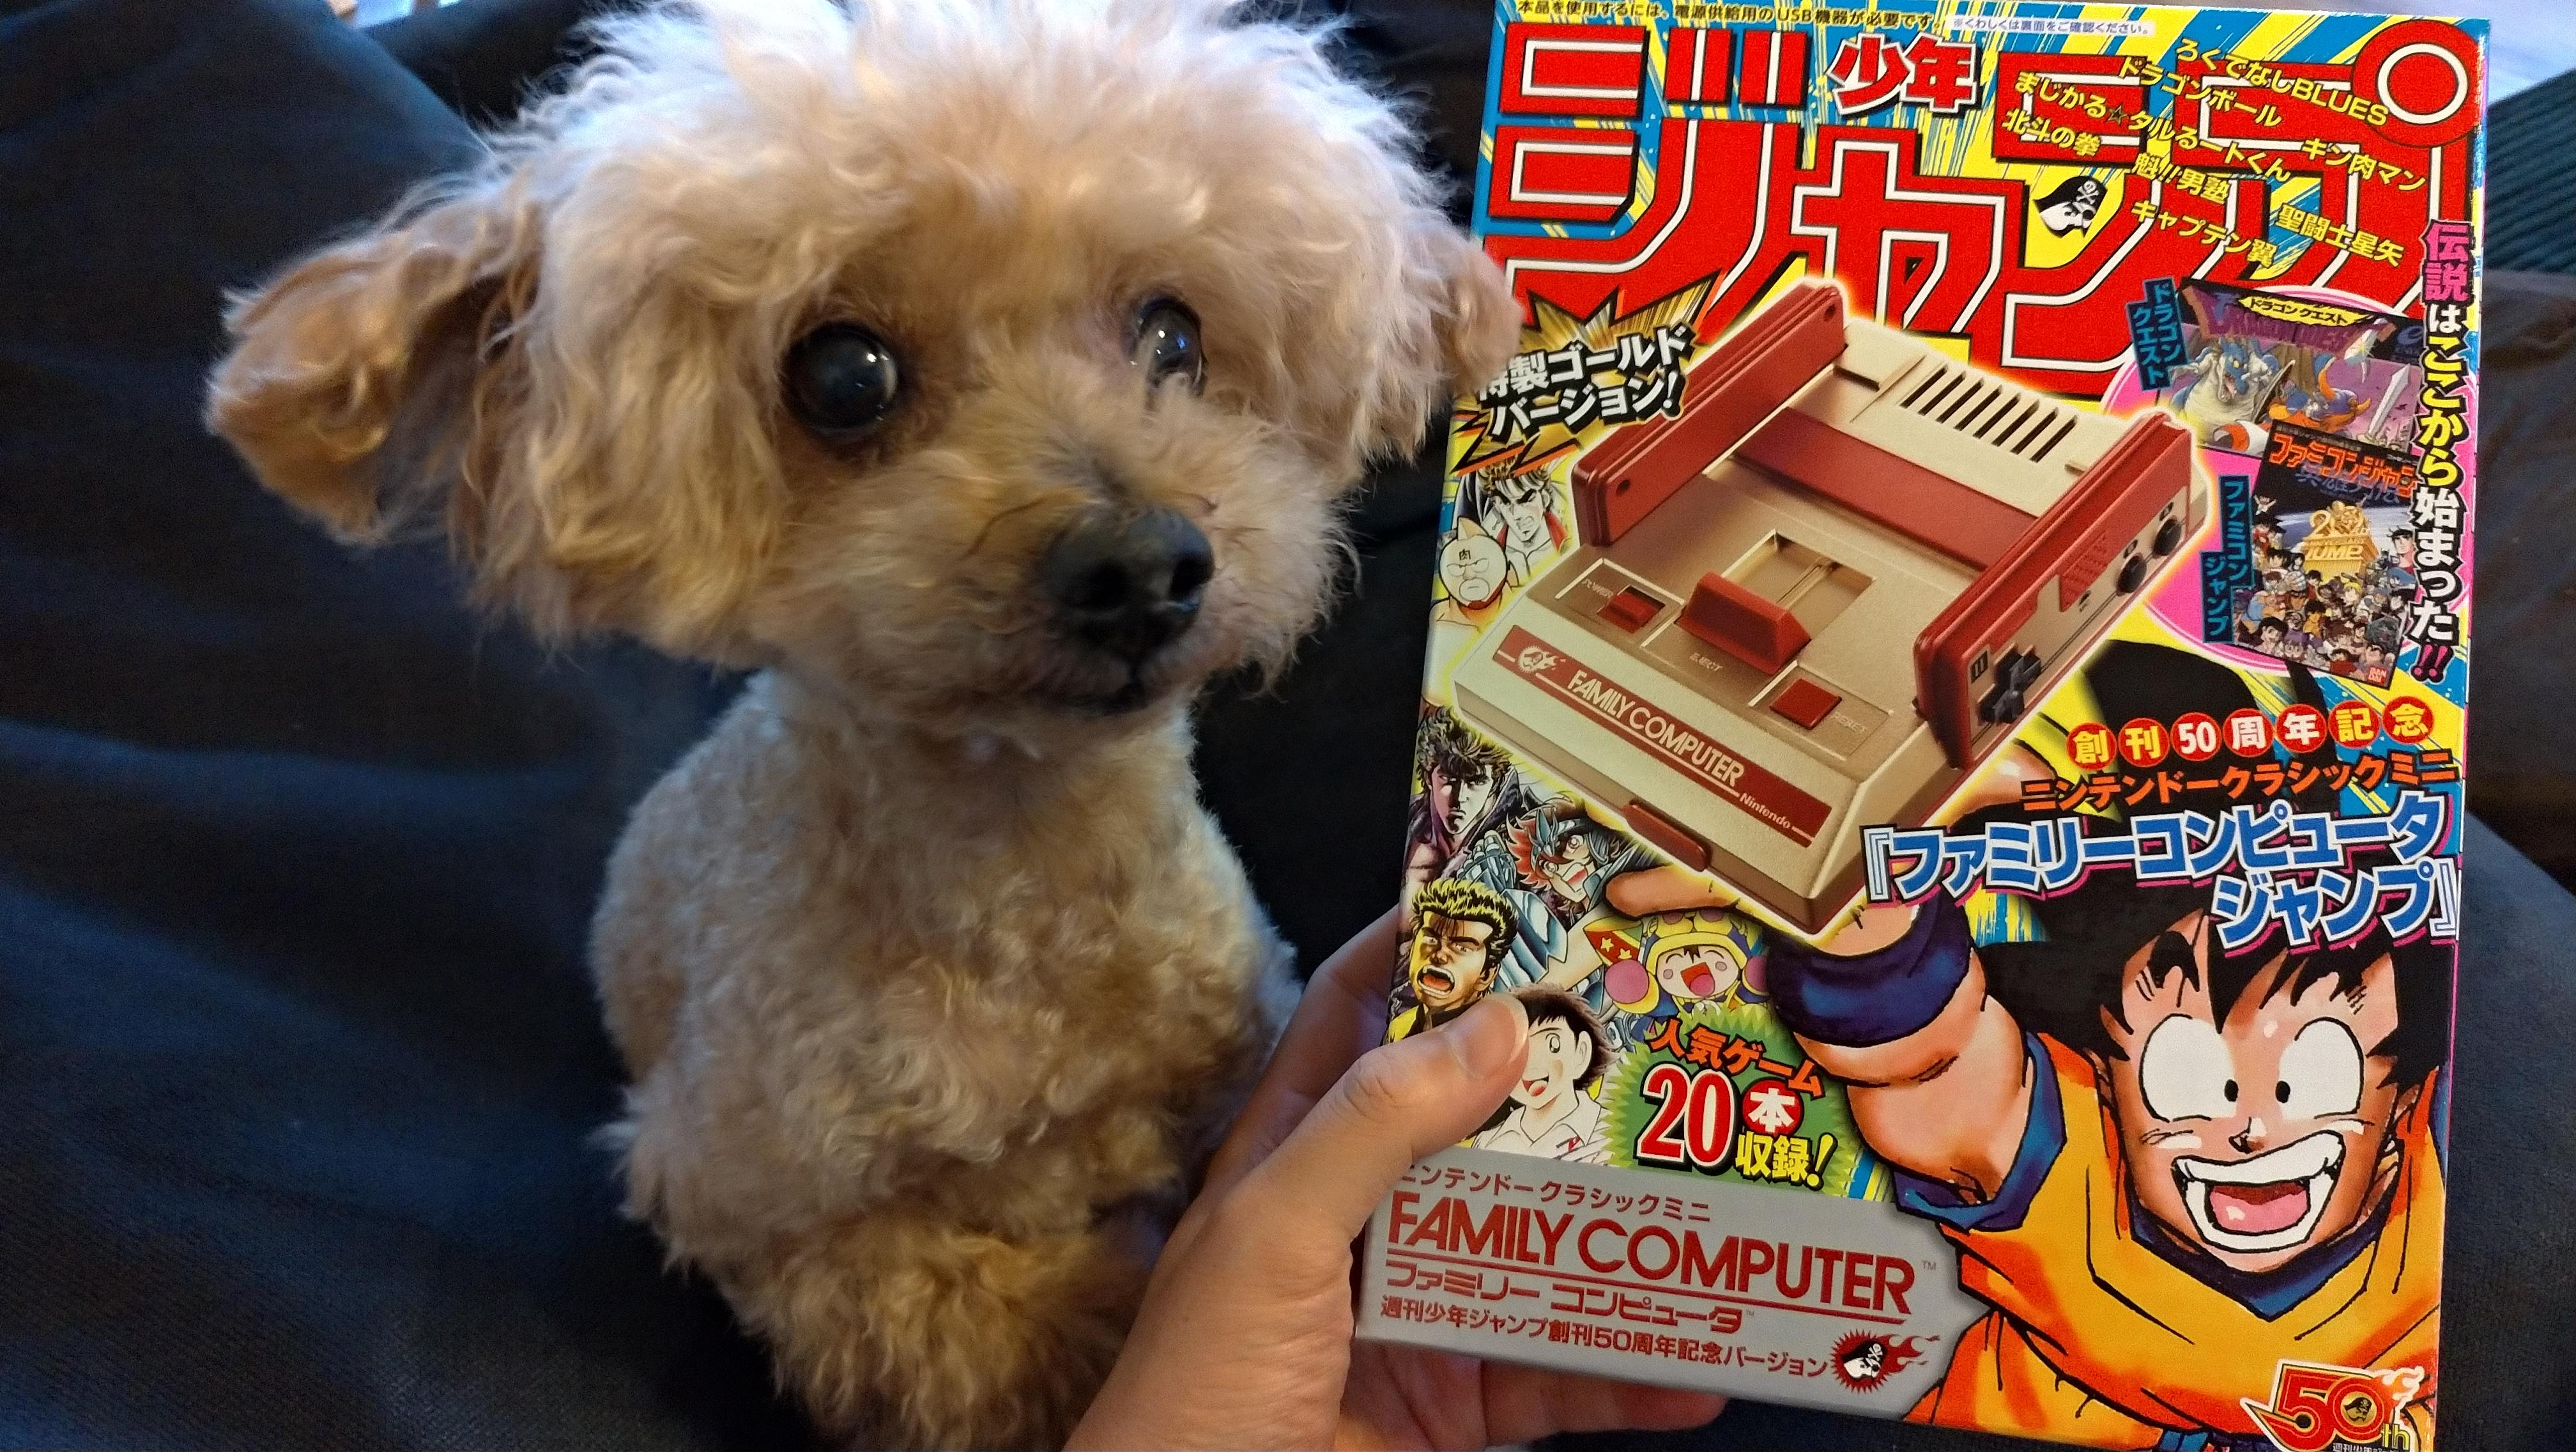 ニンテンドークラシックミニ ファミリーコンピュータ 週刊少年ジャンプ50周年記念版